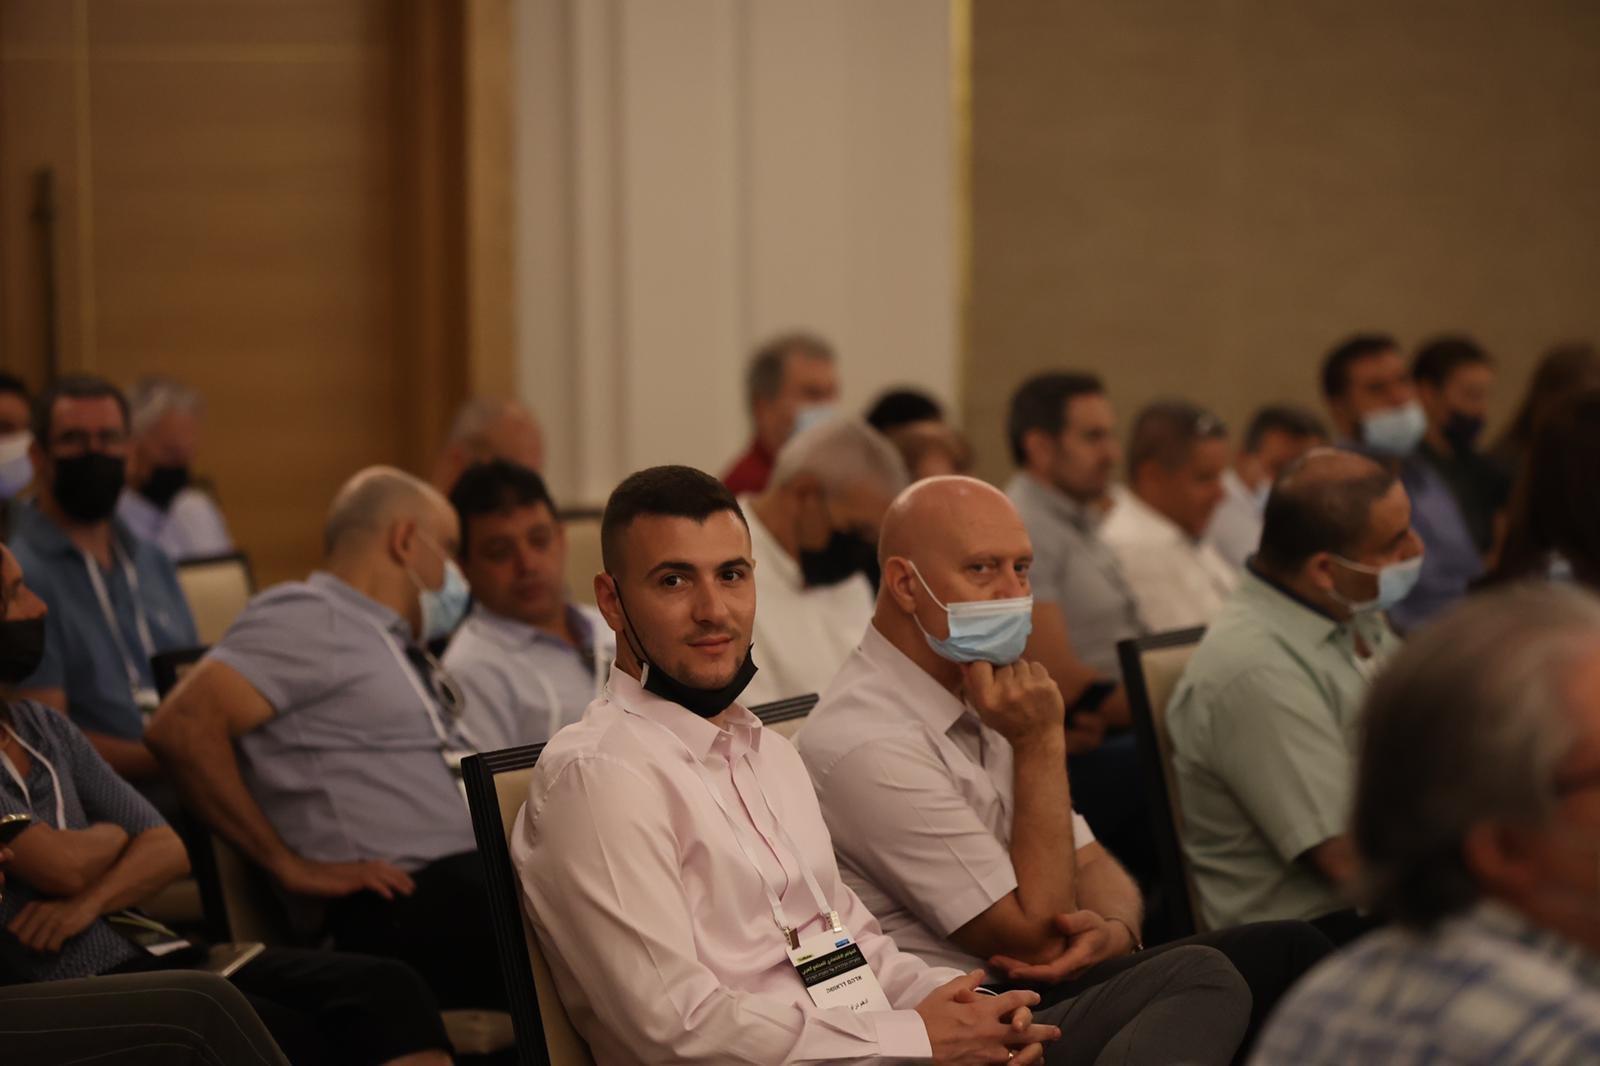 مشاركة كبيرة ومحاضرات هامة في المؤتمر الاقتصادي للمجتمع العربي بالناصرة-14